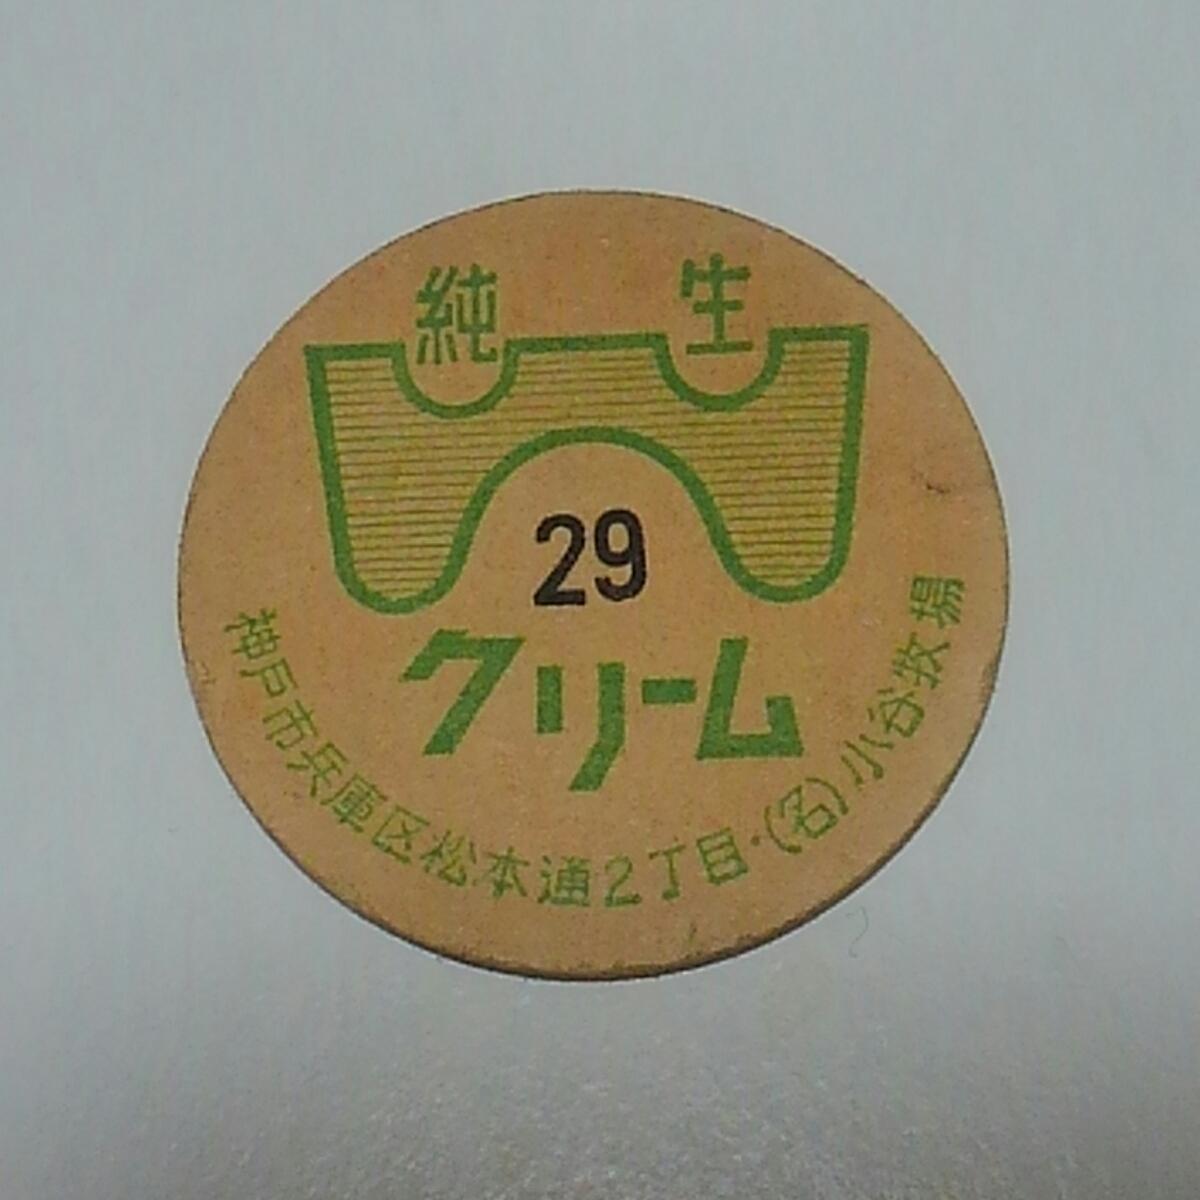 【牛乳キャップ】約40年前 純生クリーム 未使用 兵庫県/(名)小谷牧場